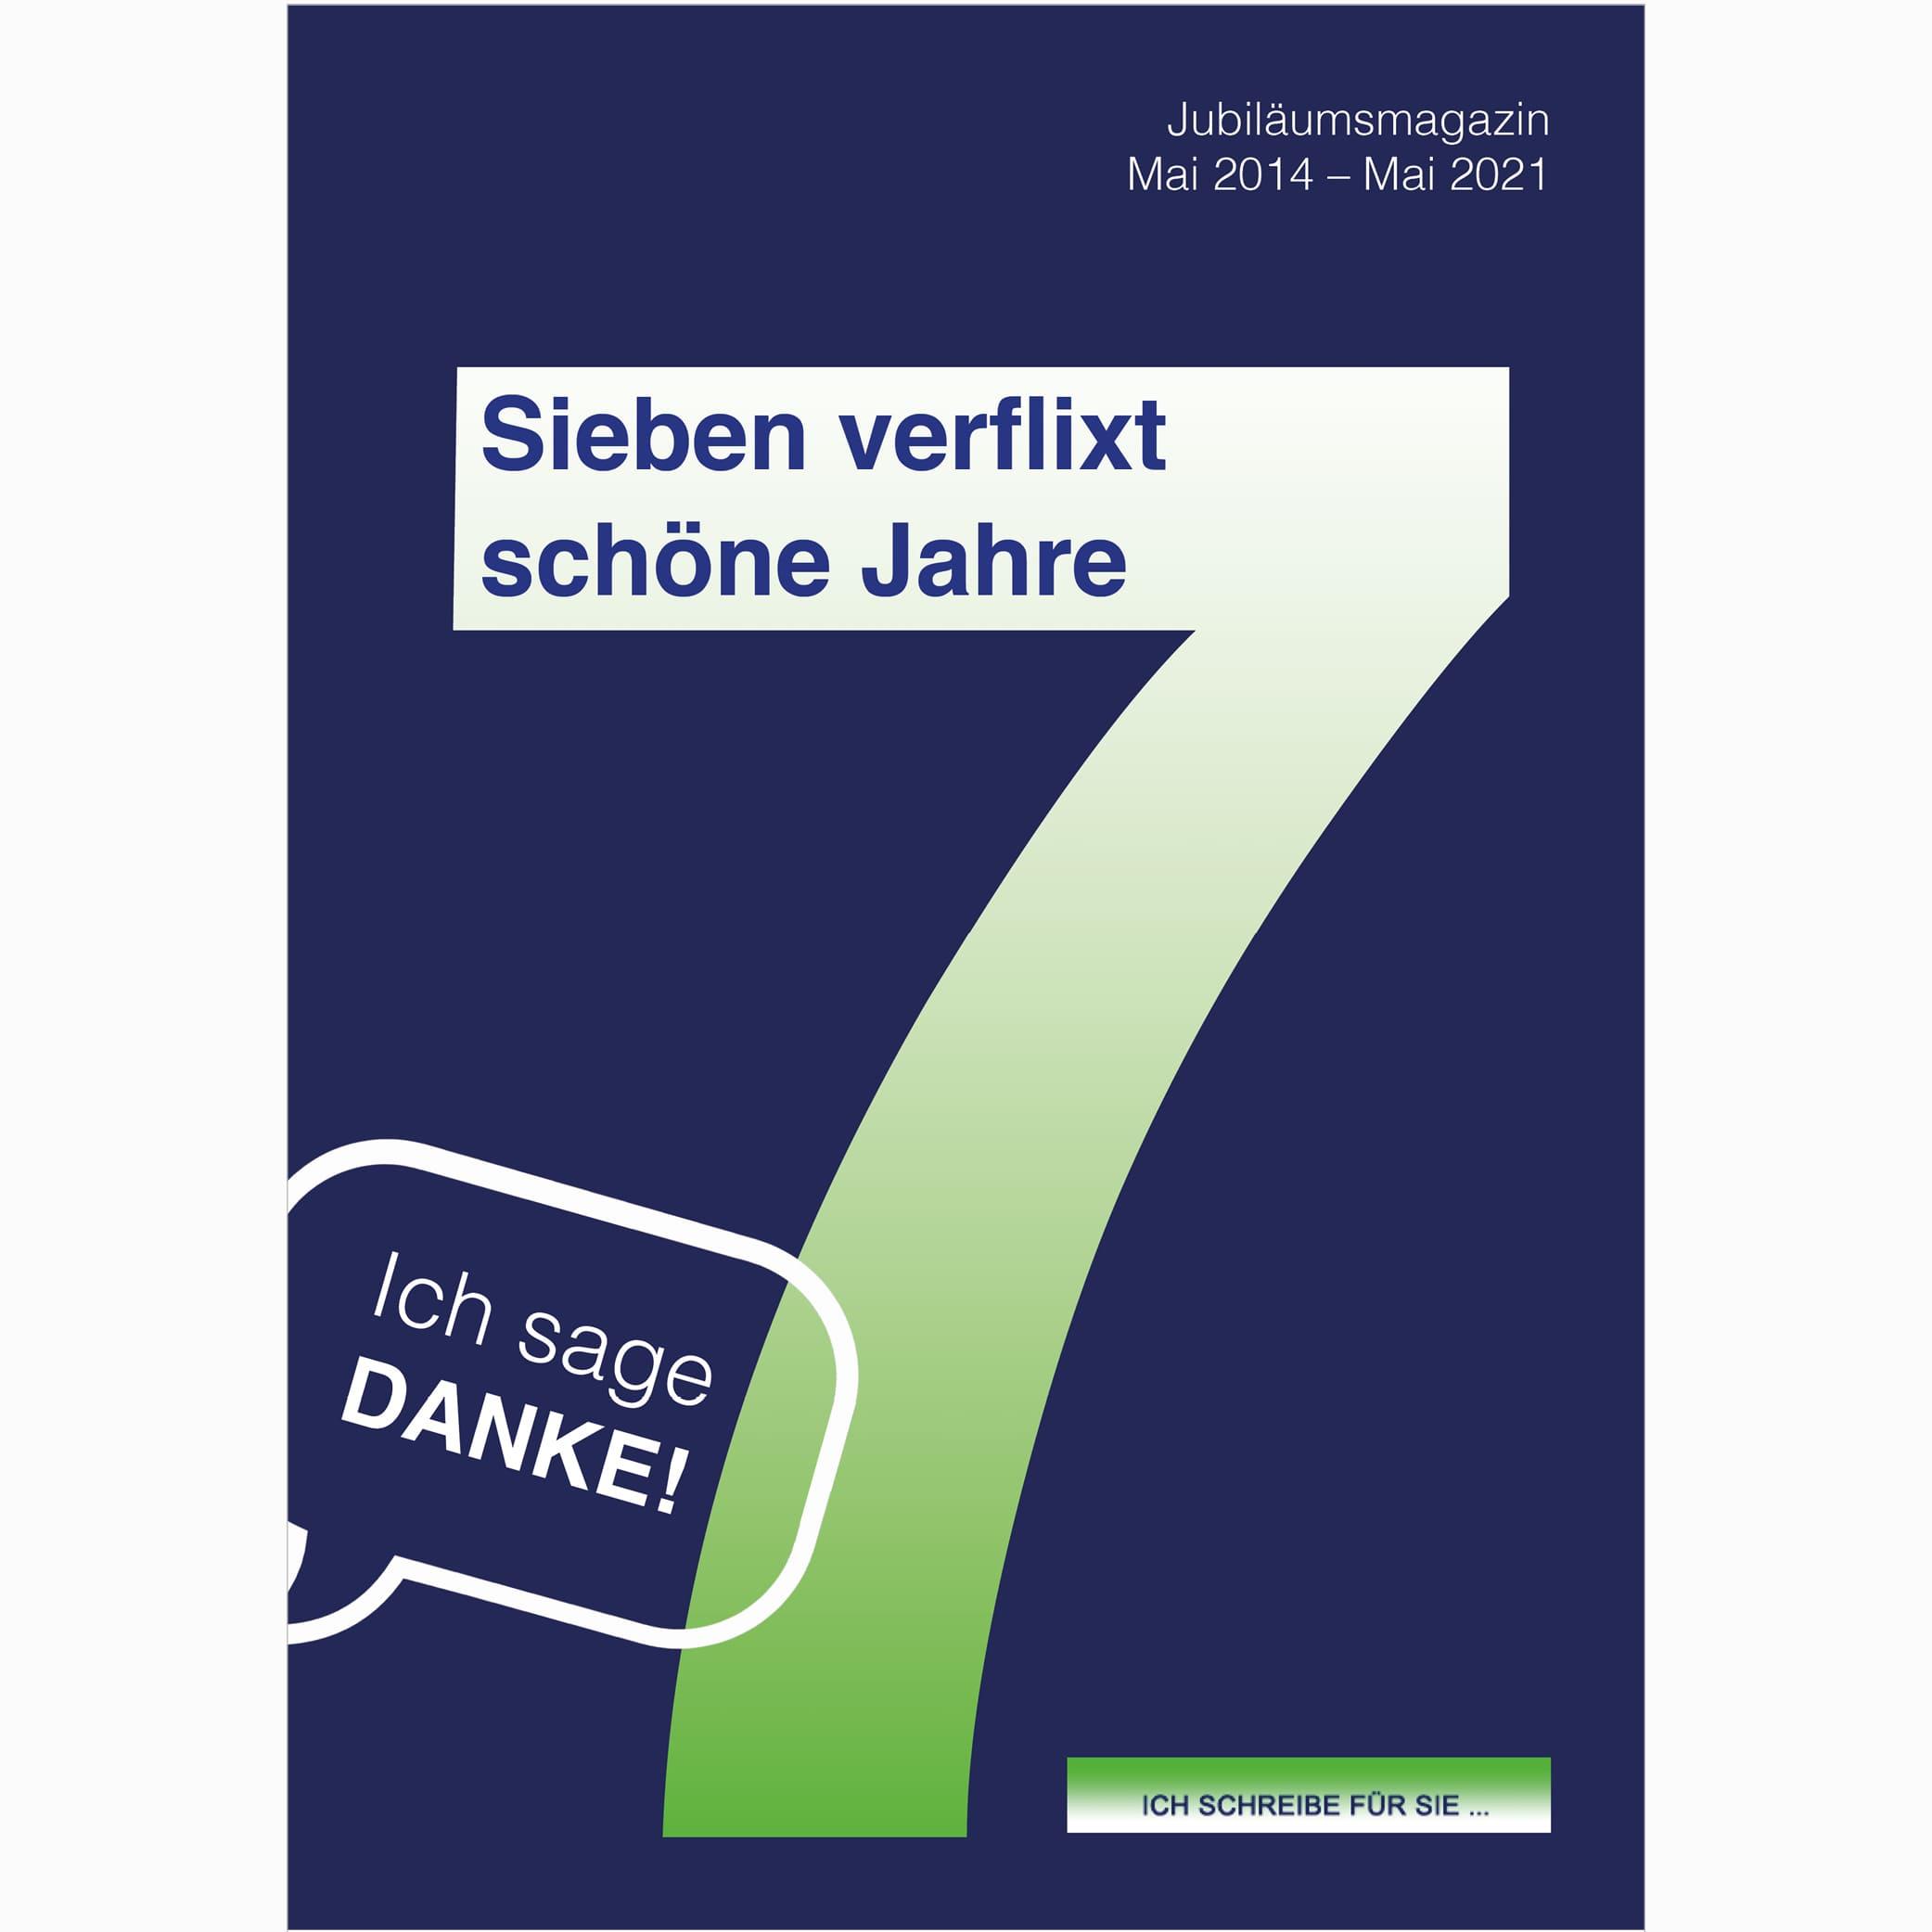 Jubiläumsmagazin von Sabine: Sieben verflixt schöne Jahre